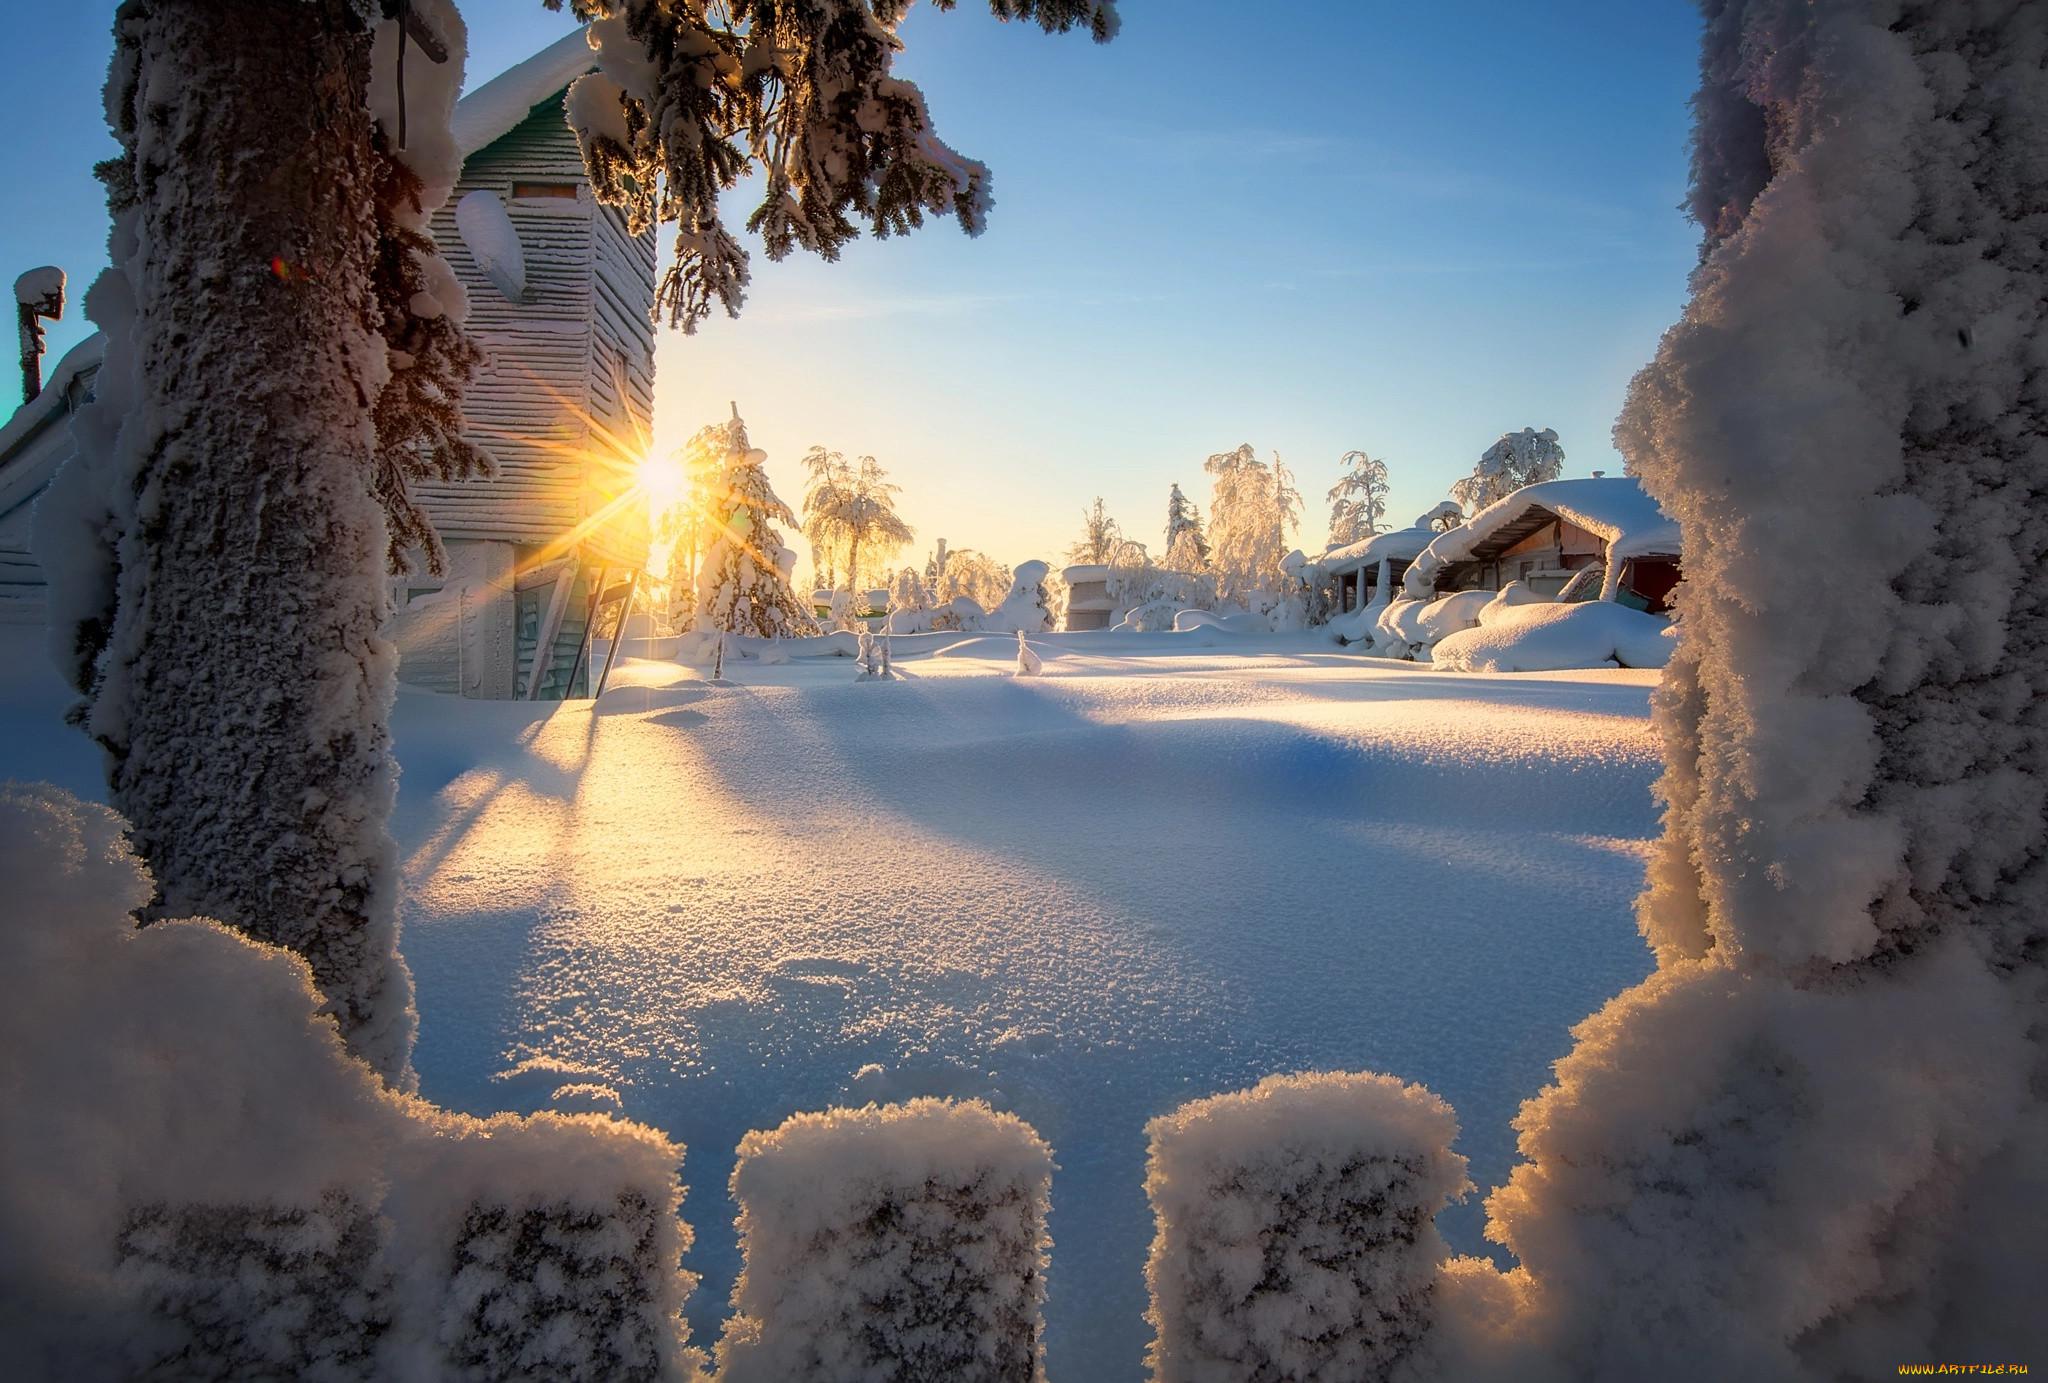 кругу своей красивые картинки солнца и снега название бухты